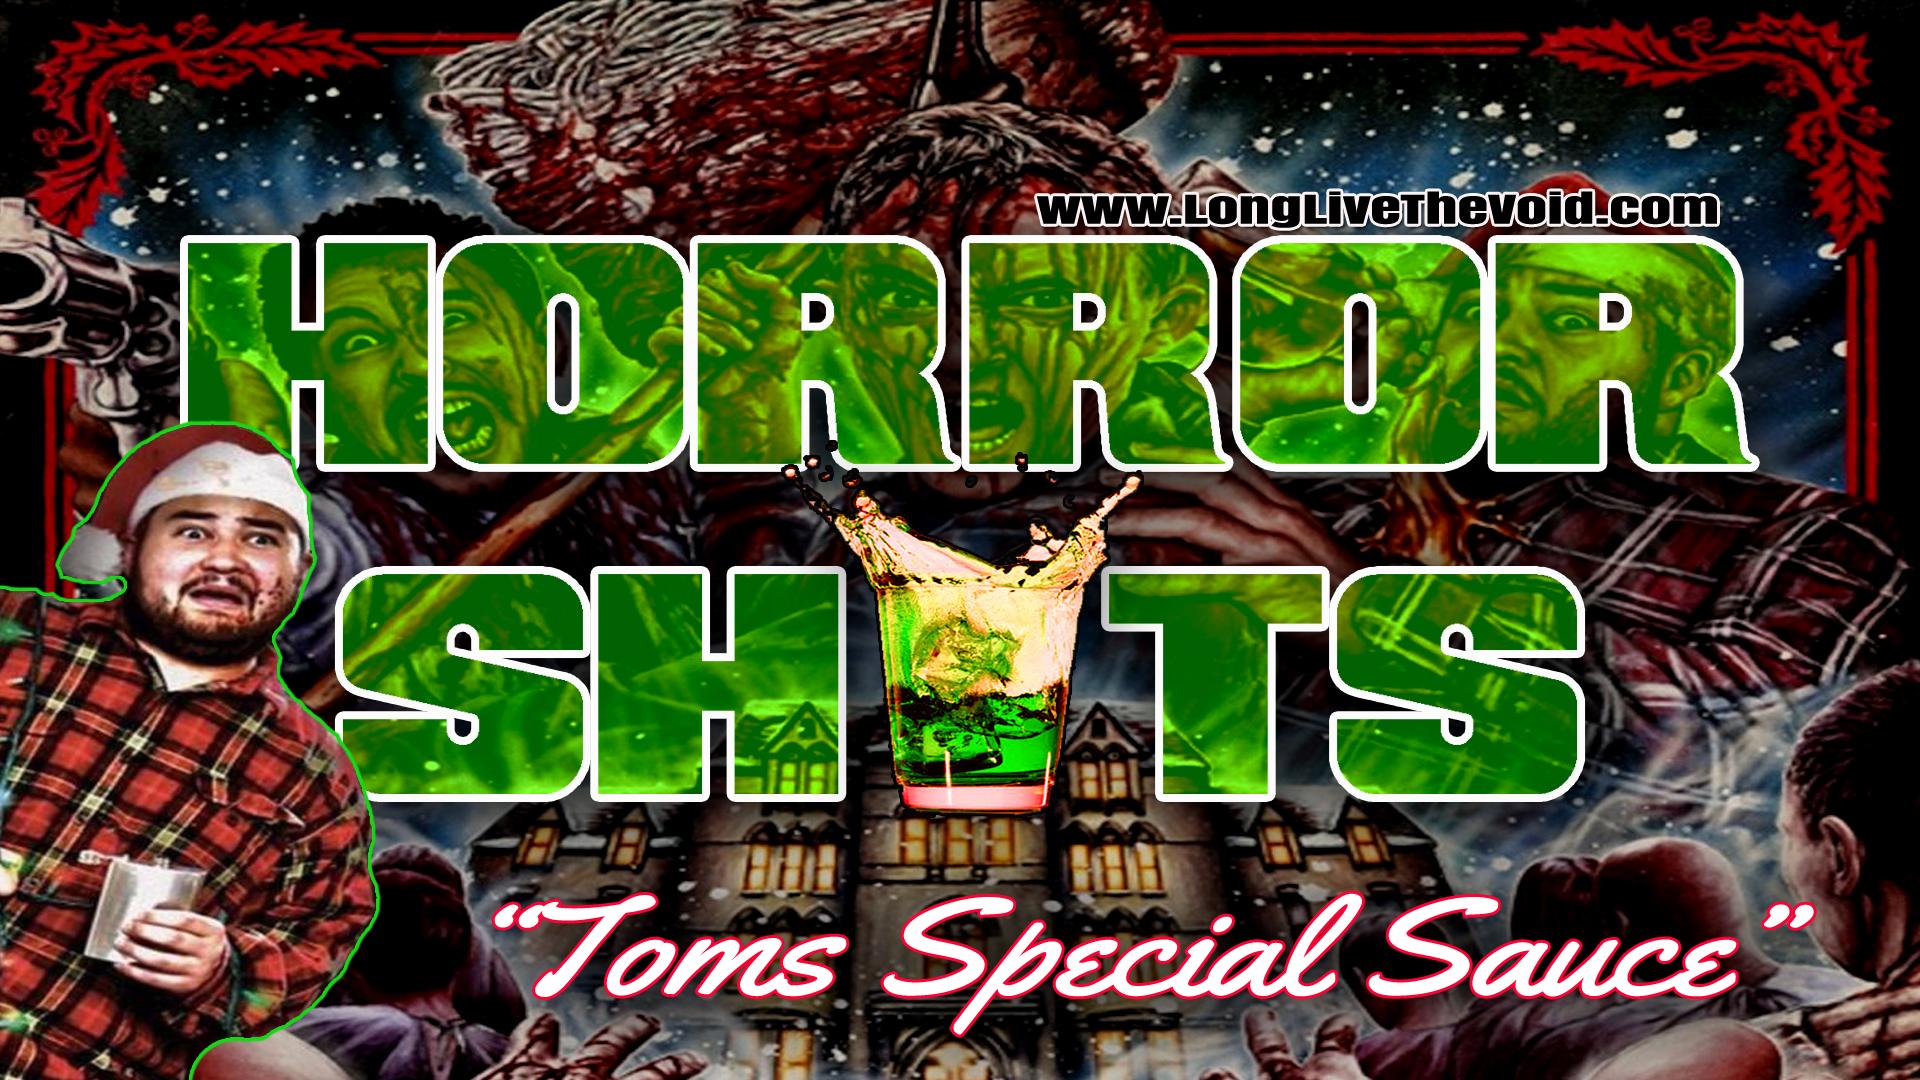 toms special sauce a cadaver christmas - A Cadaver Christmas